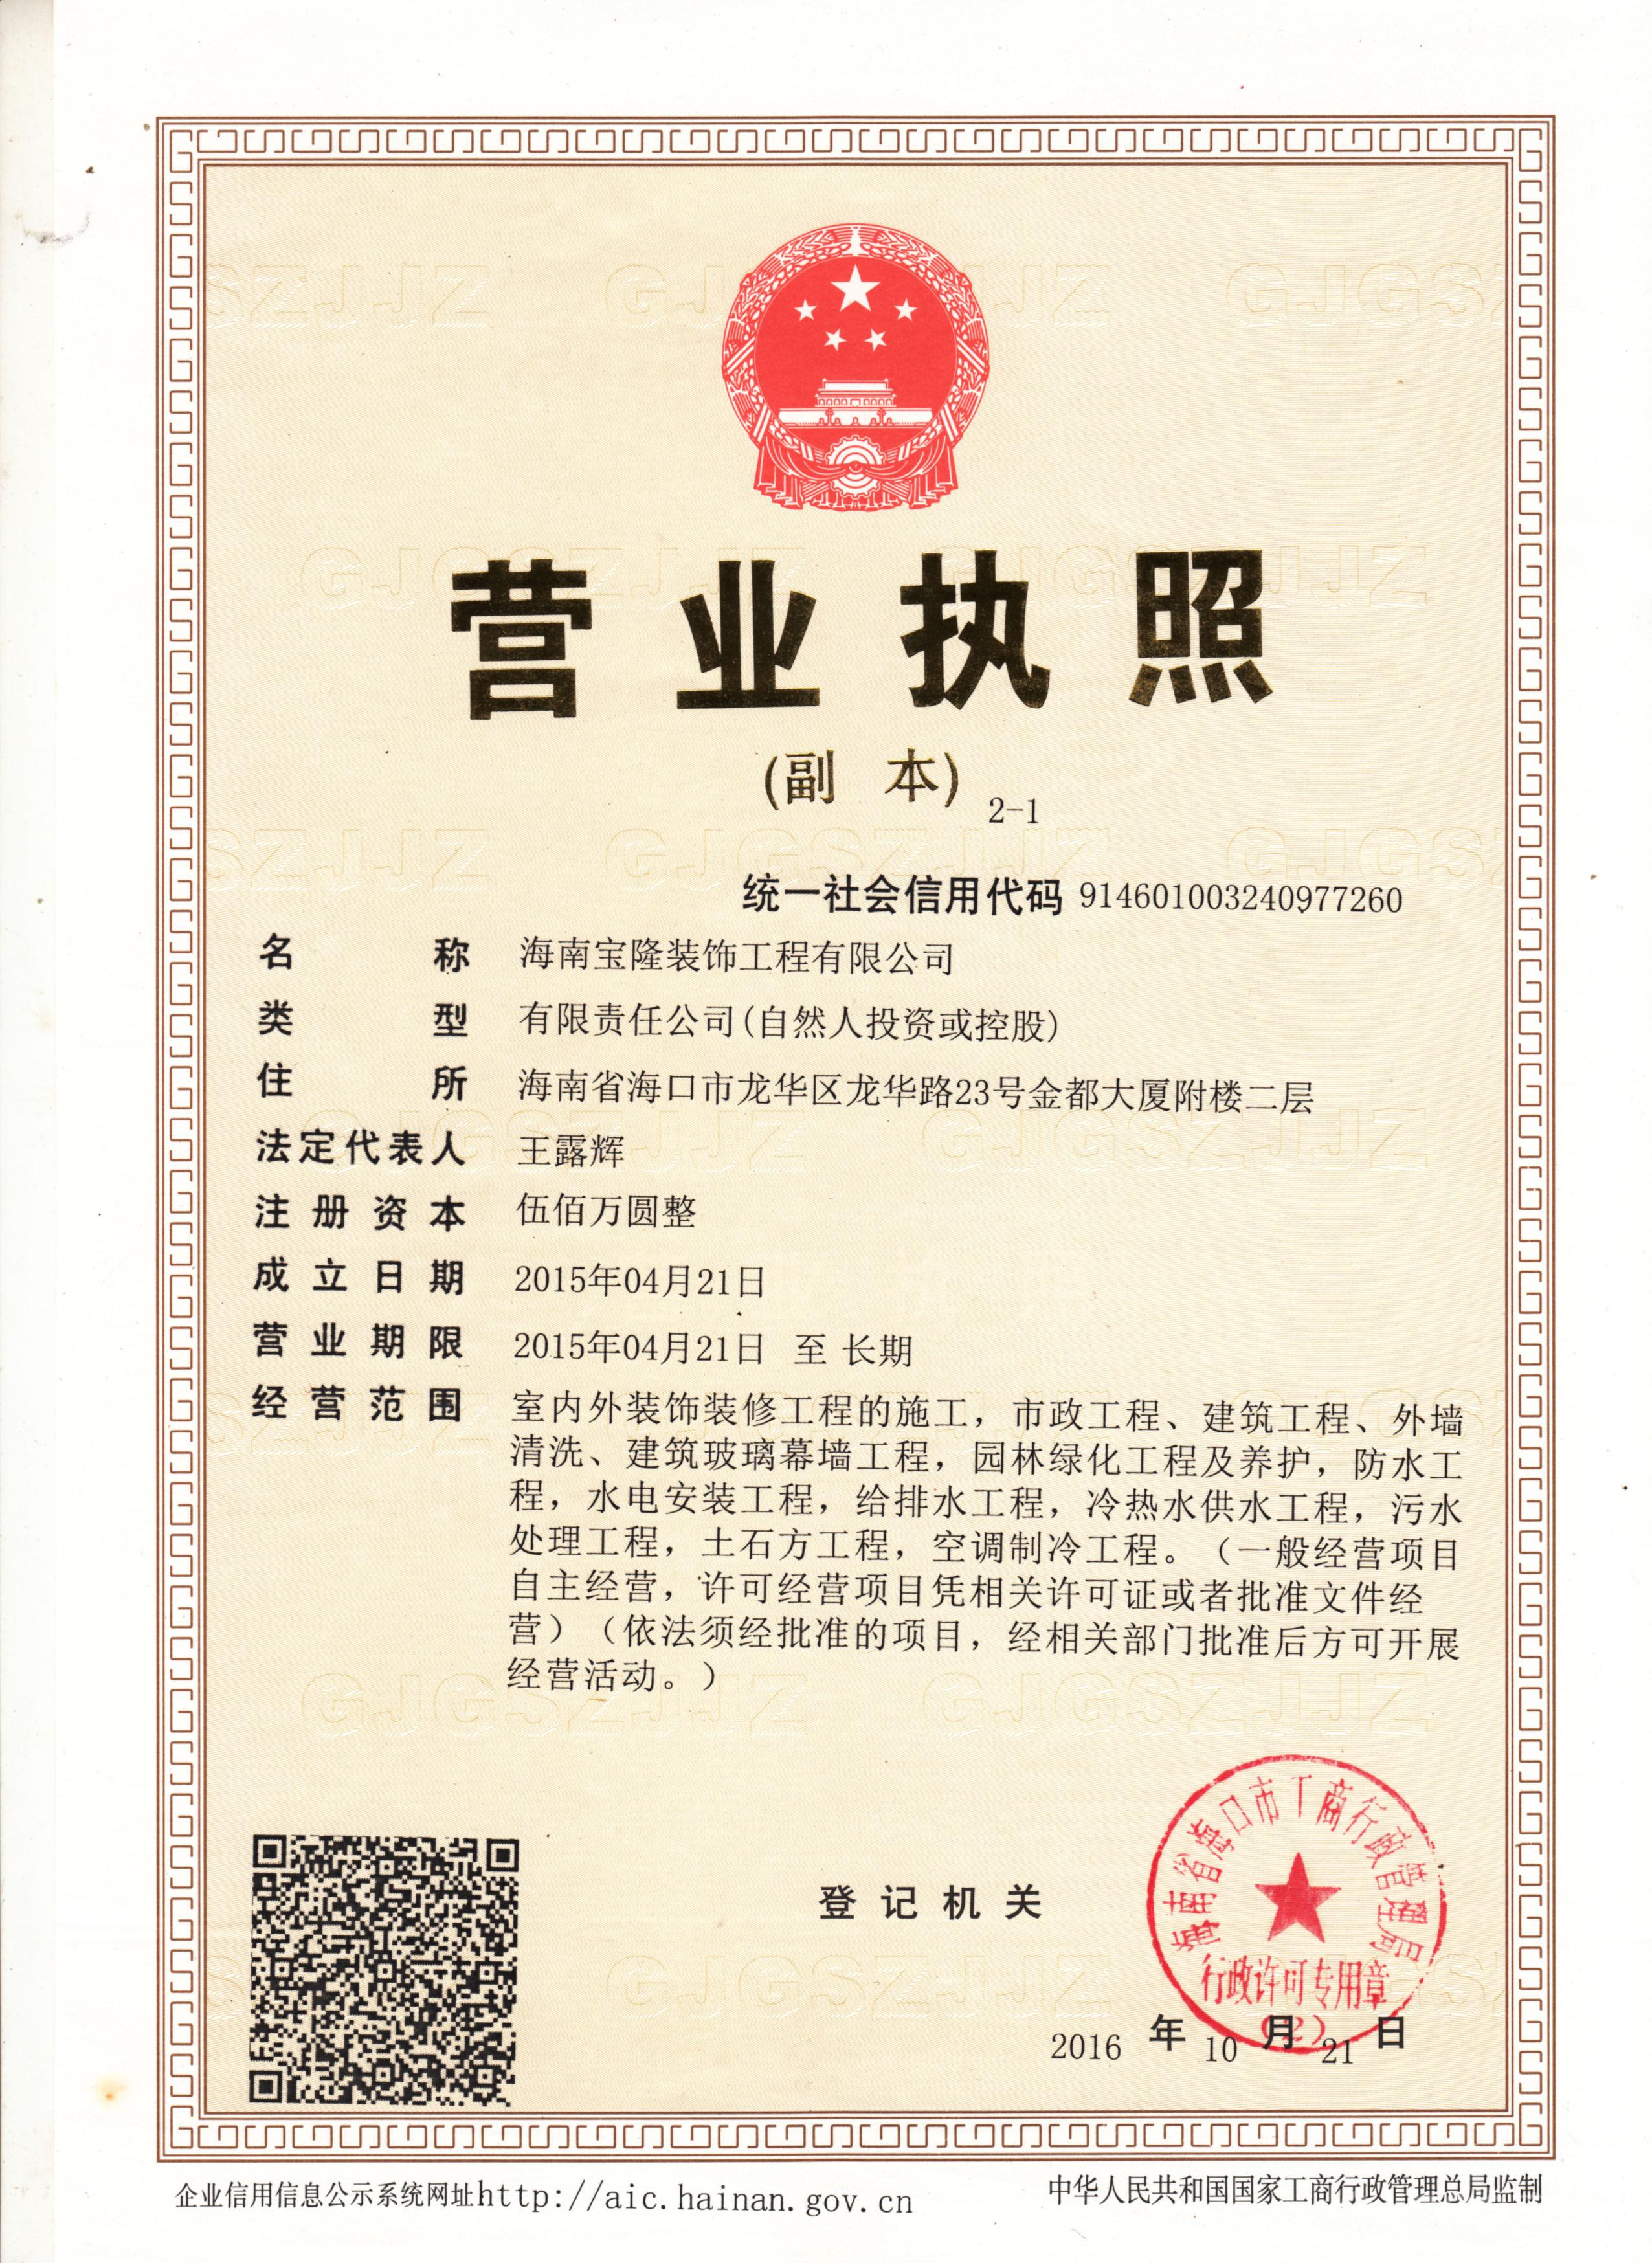 海南宝隆装饰工程有限公司